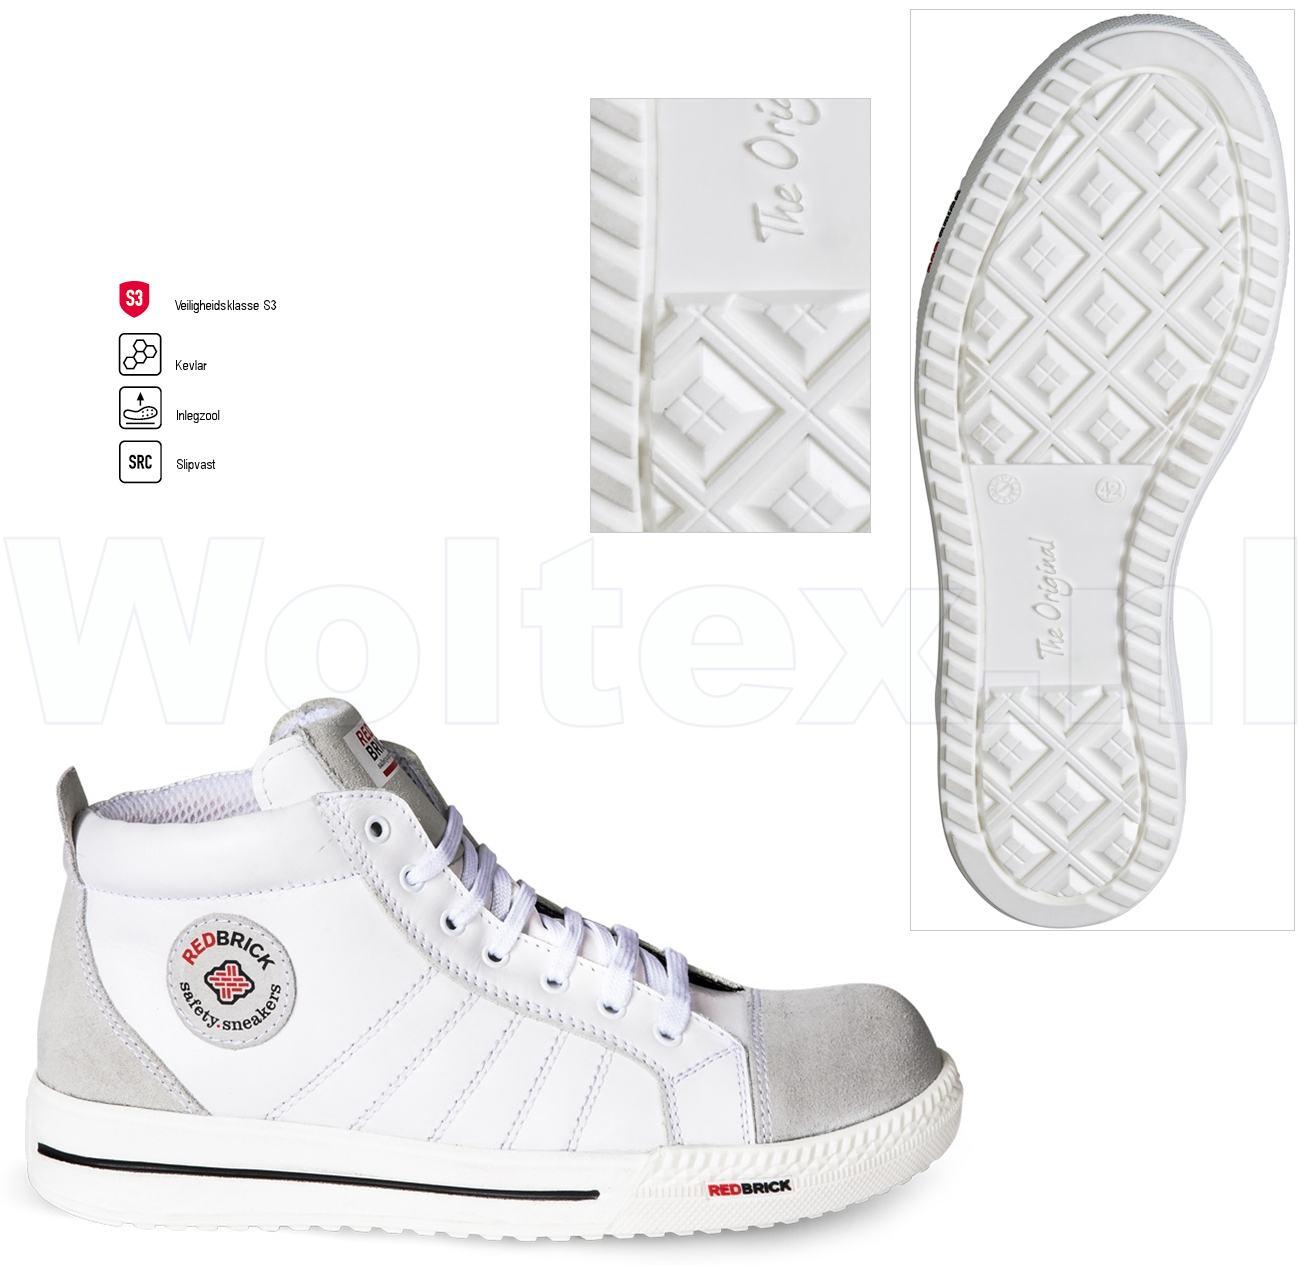 Werkschoenen Met Witte Zool.Redbrick Safety Sneakers Originals S3 Werkschoenen Mont Blanc Wit 42